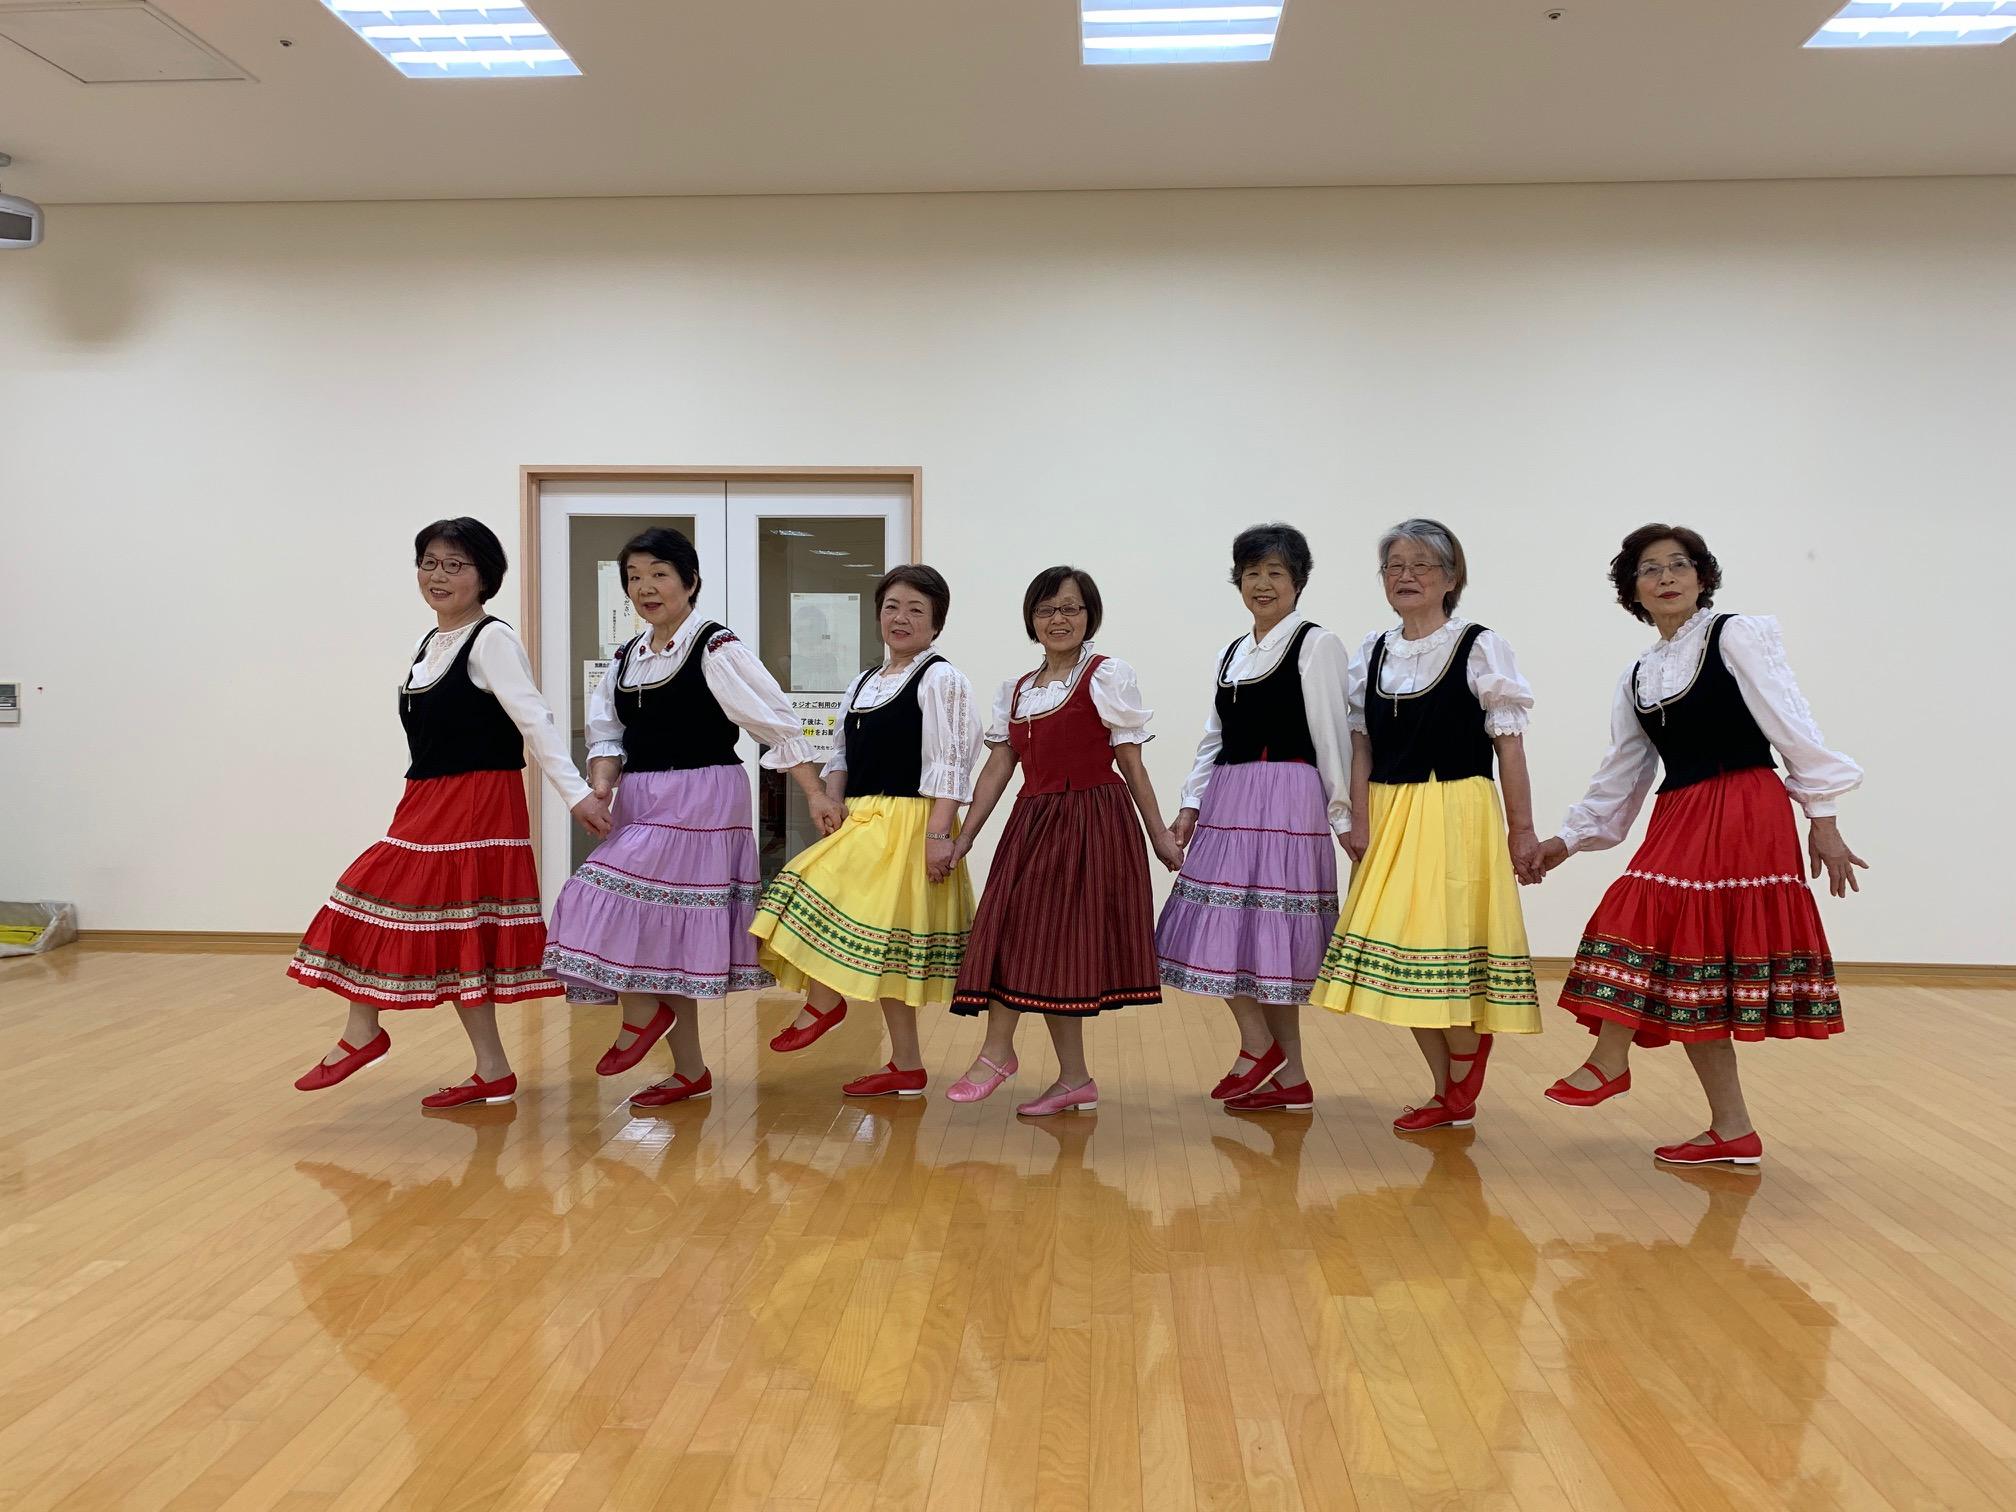 リズムに合わせて 健康フォークダンス